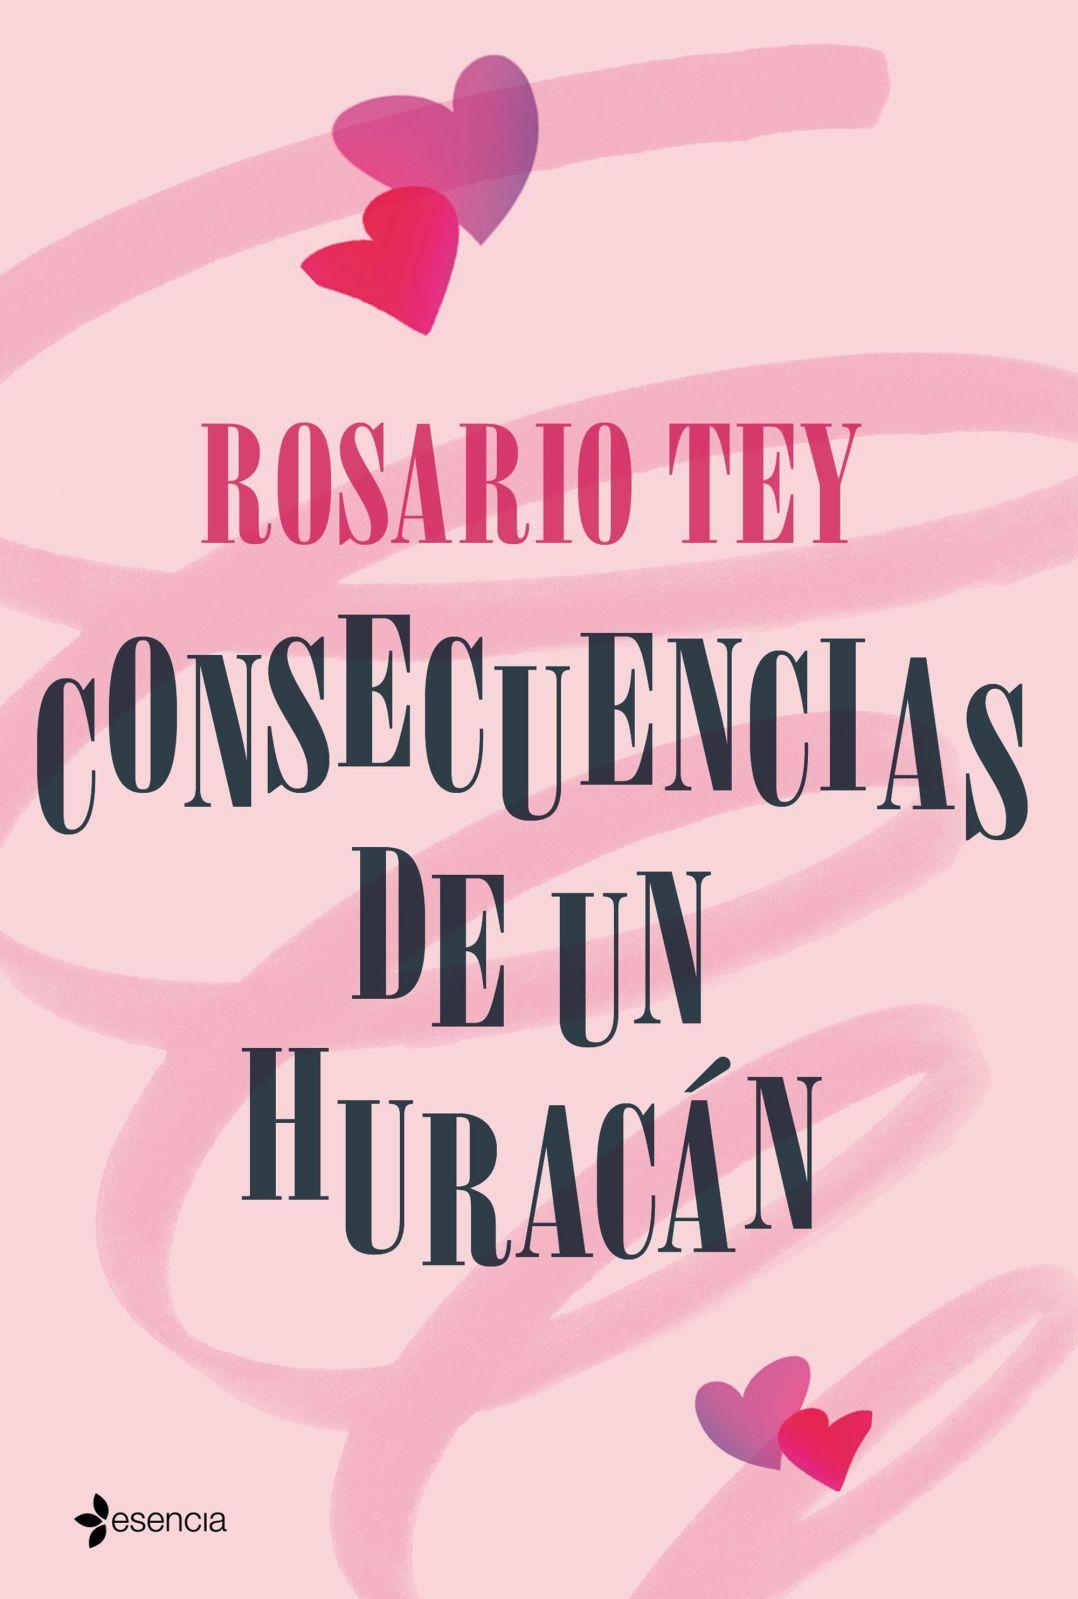 Consecuencias de un huracán - Rosario Tey 2md1fec